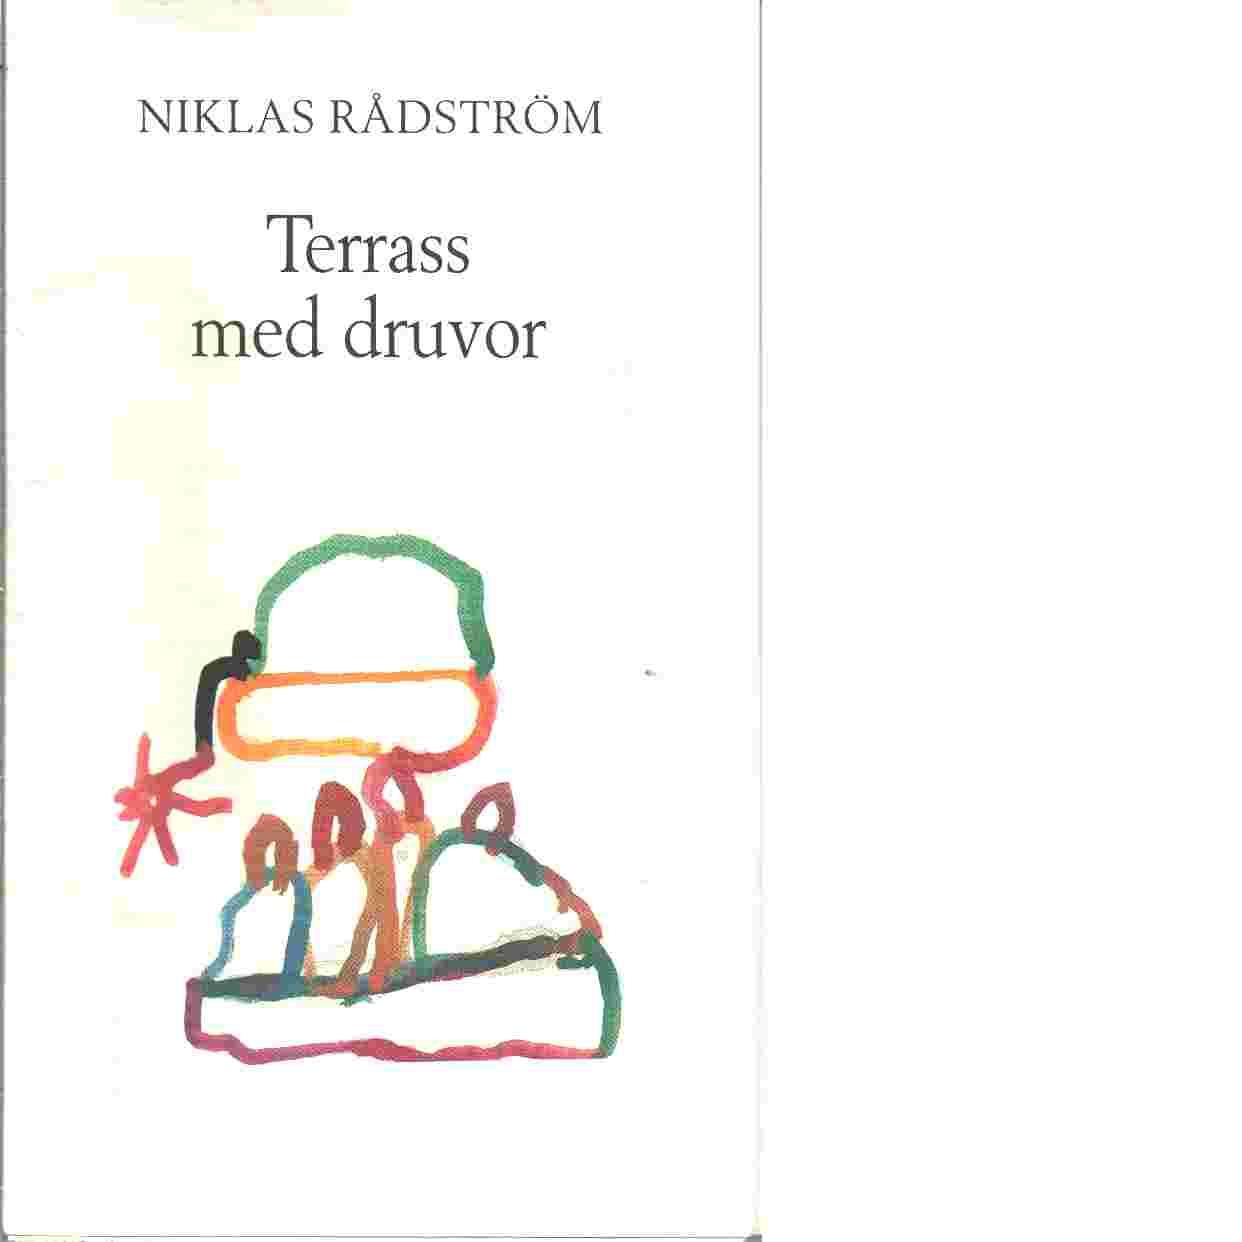 Terass med druvor - Rådström, Niklas